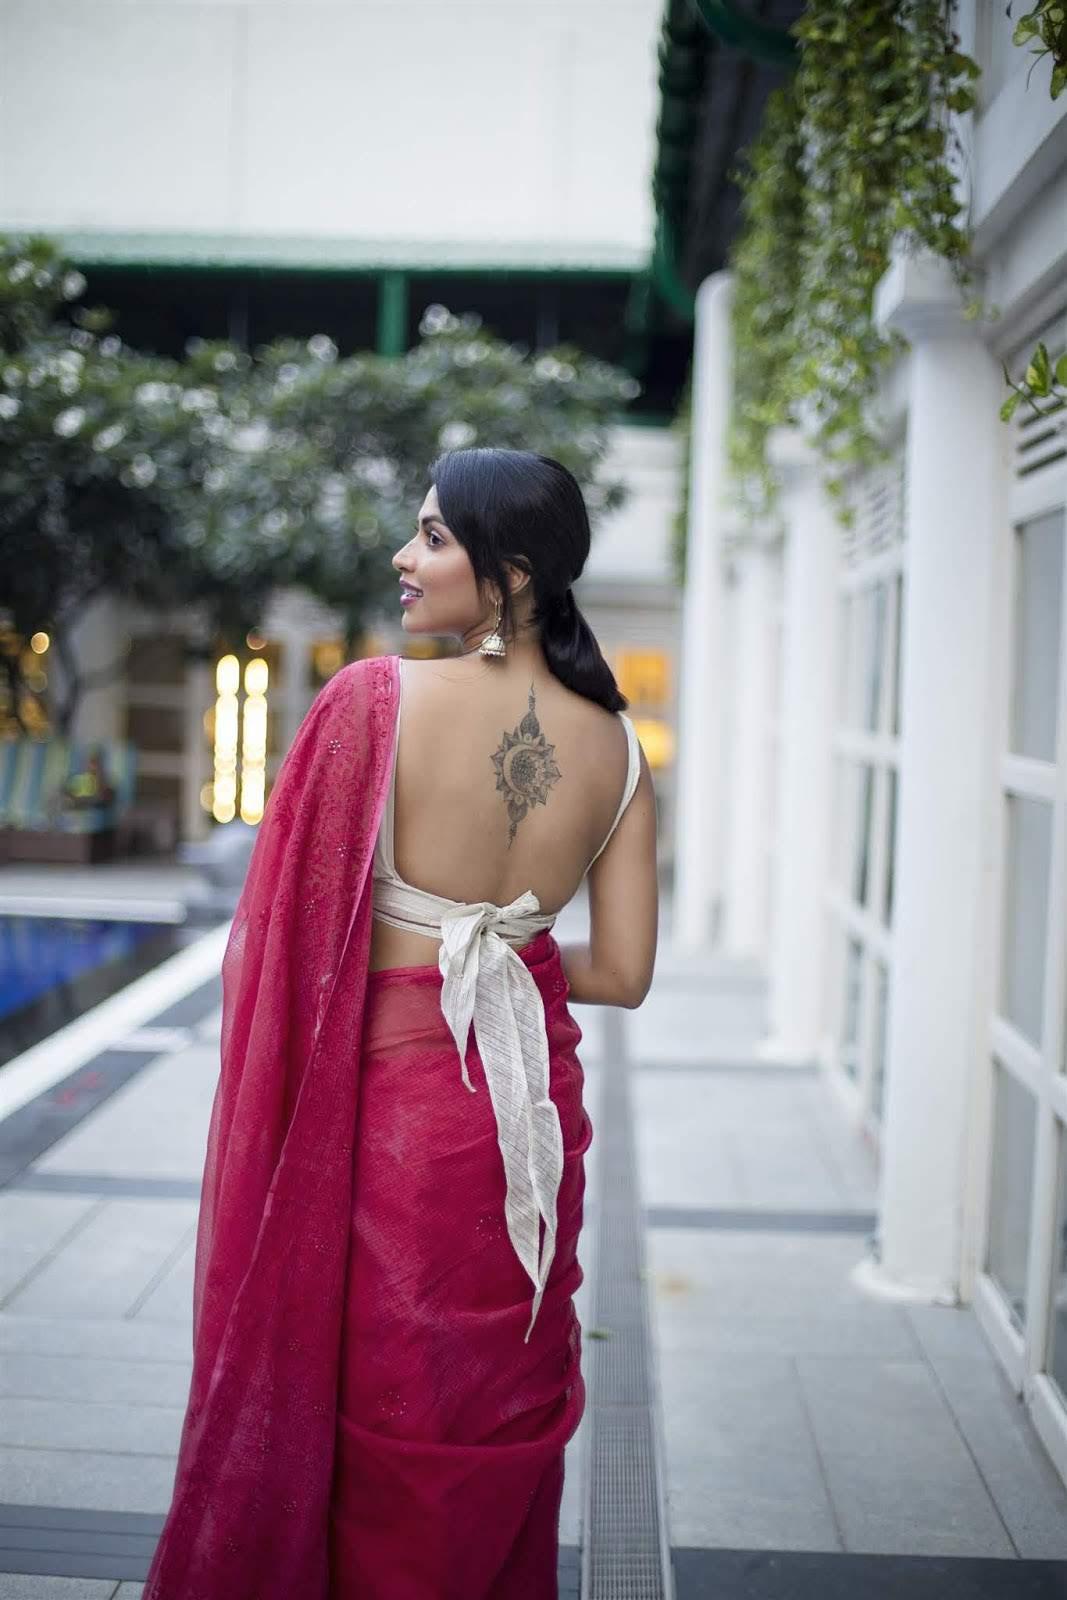 amala-paul-tattoos-5